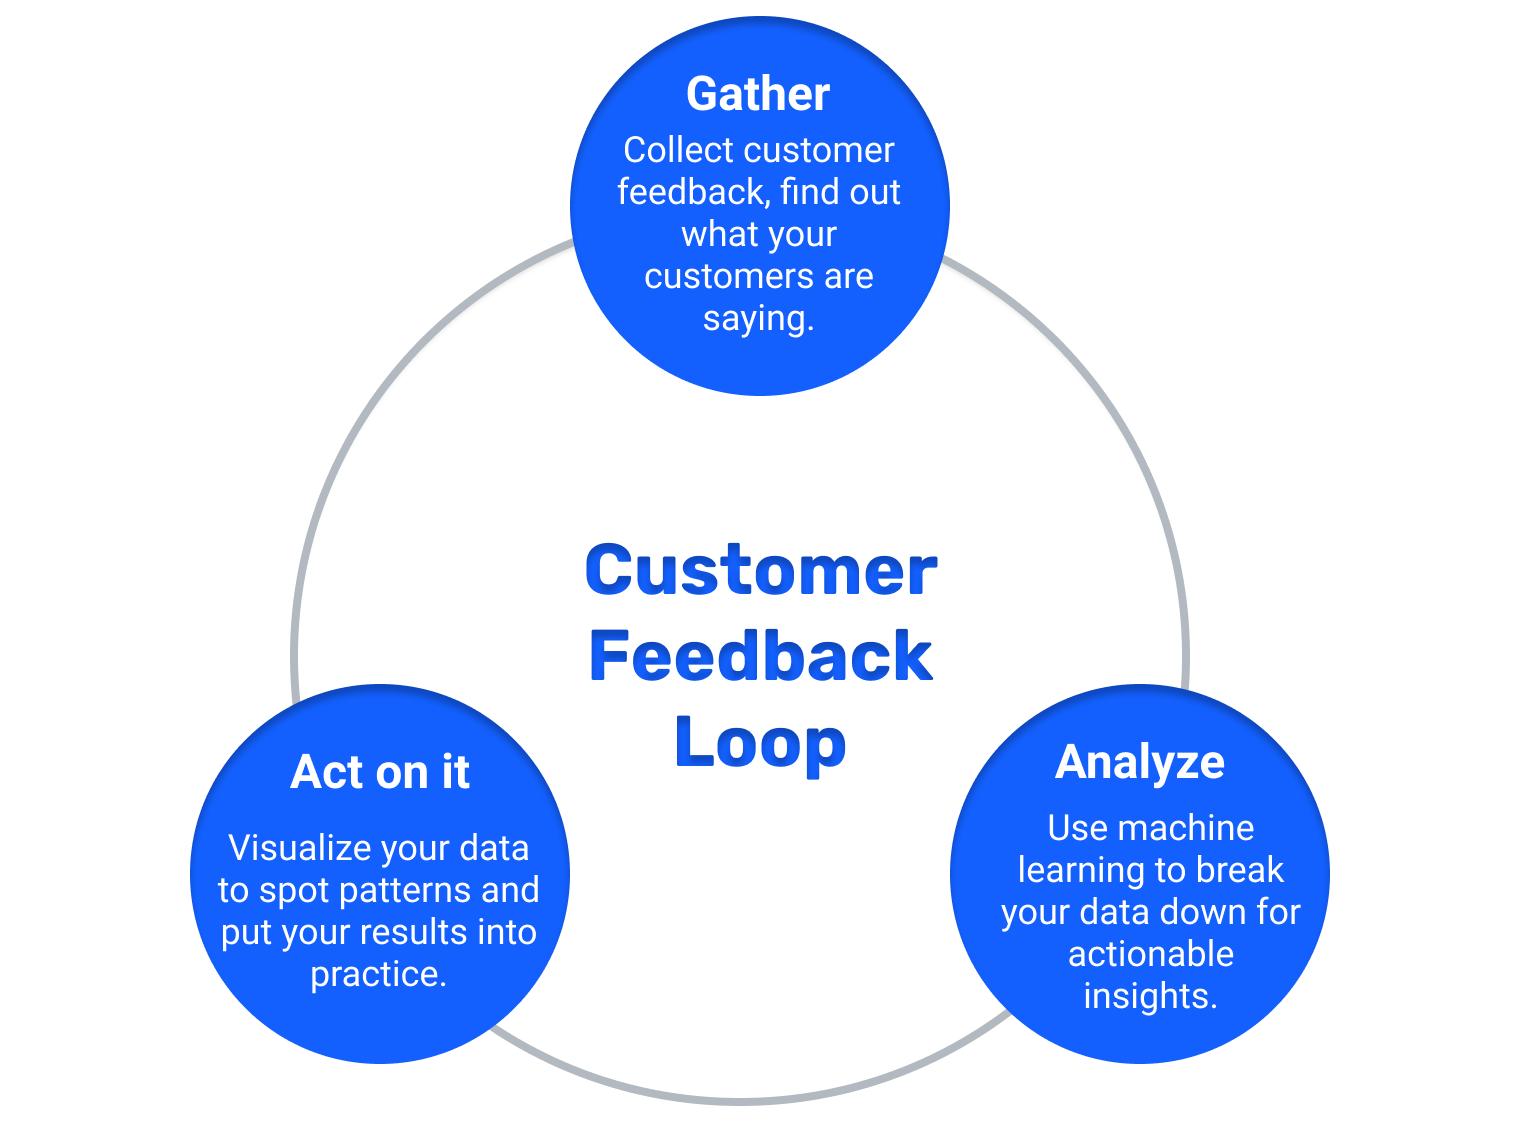 Customer Feedback Loop: gather customer feedback, analyze feedback with machine learning, act on customer feedback to close the loop.